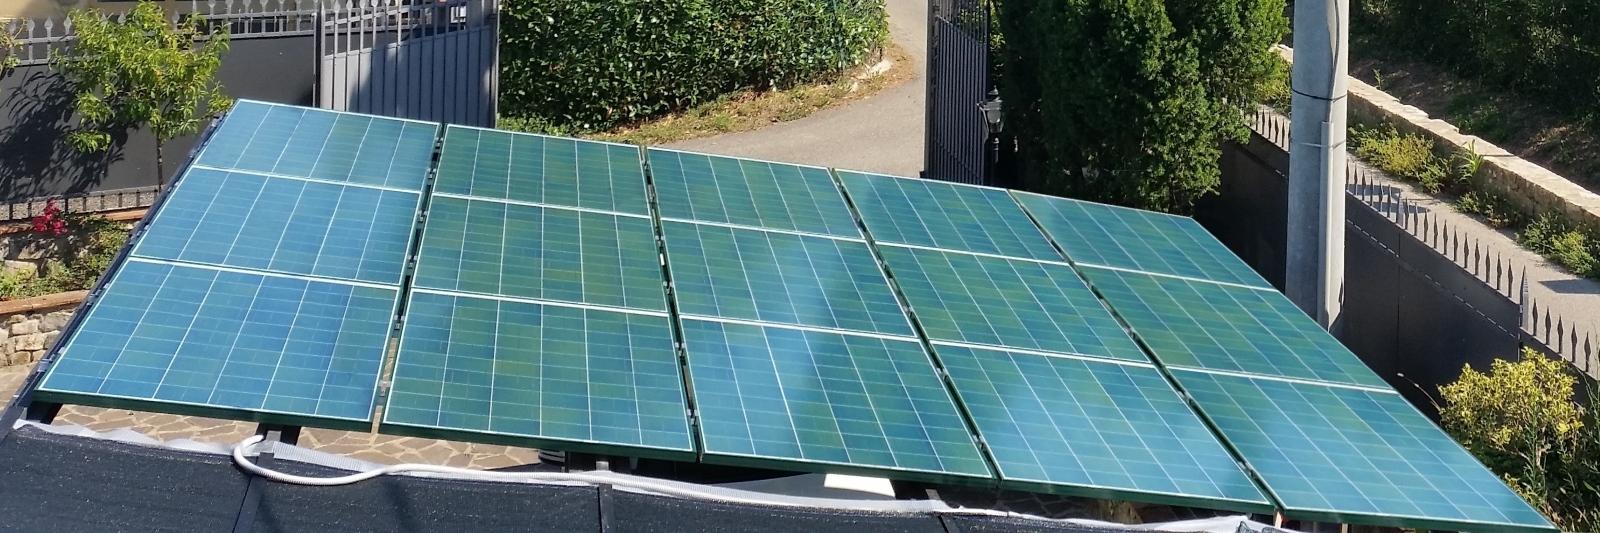 impianto fotovoltaico colorato verde